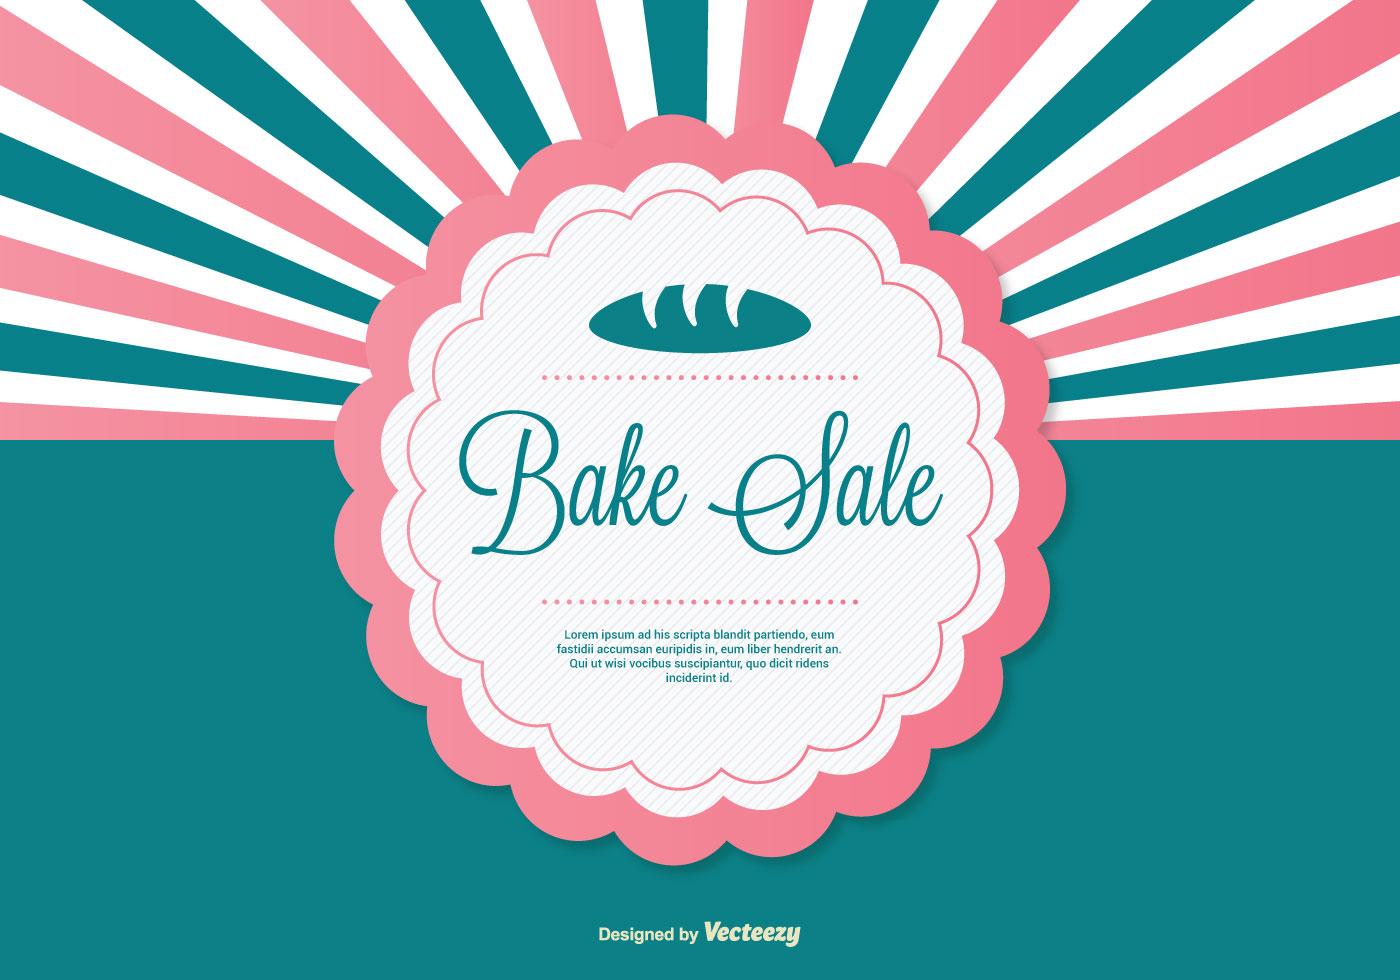 Bake Sale Background Illustration Download Free Vectors